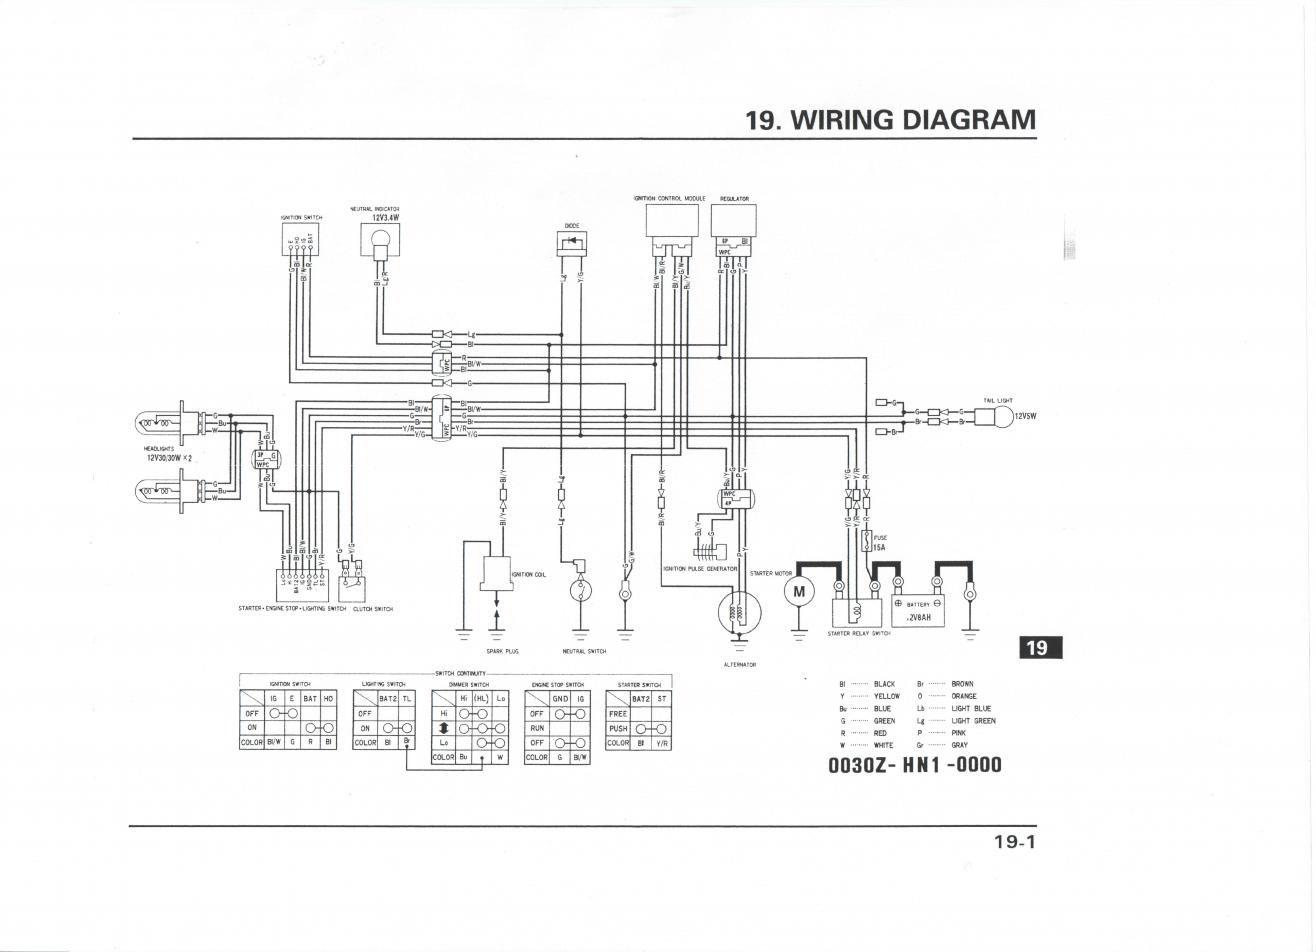 medium resolution of trx300ex wiring diagram wiring diagrams suzuki rm 250 wiring diagram trx 300ex wiring diagram